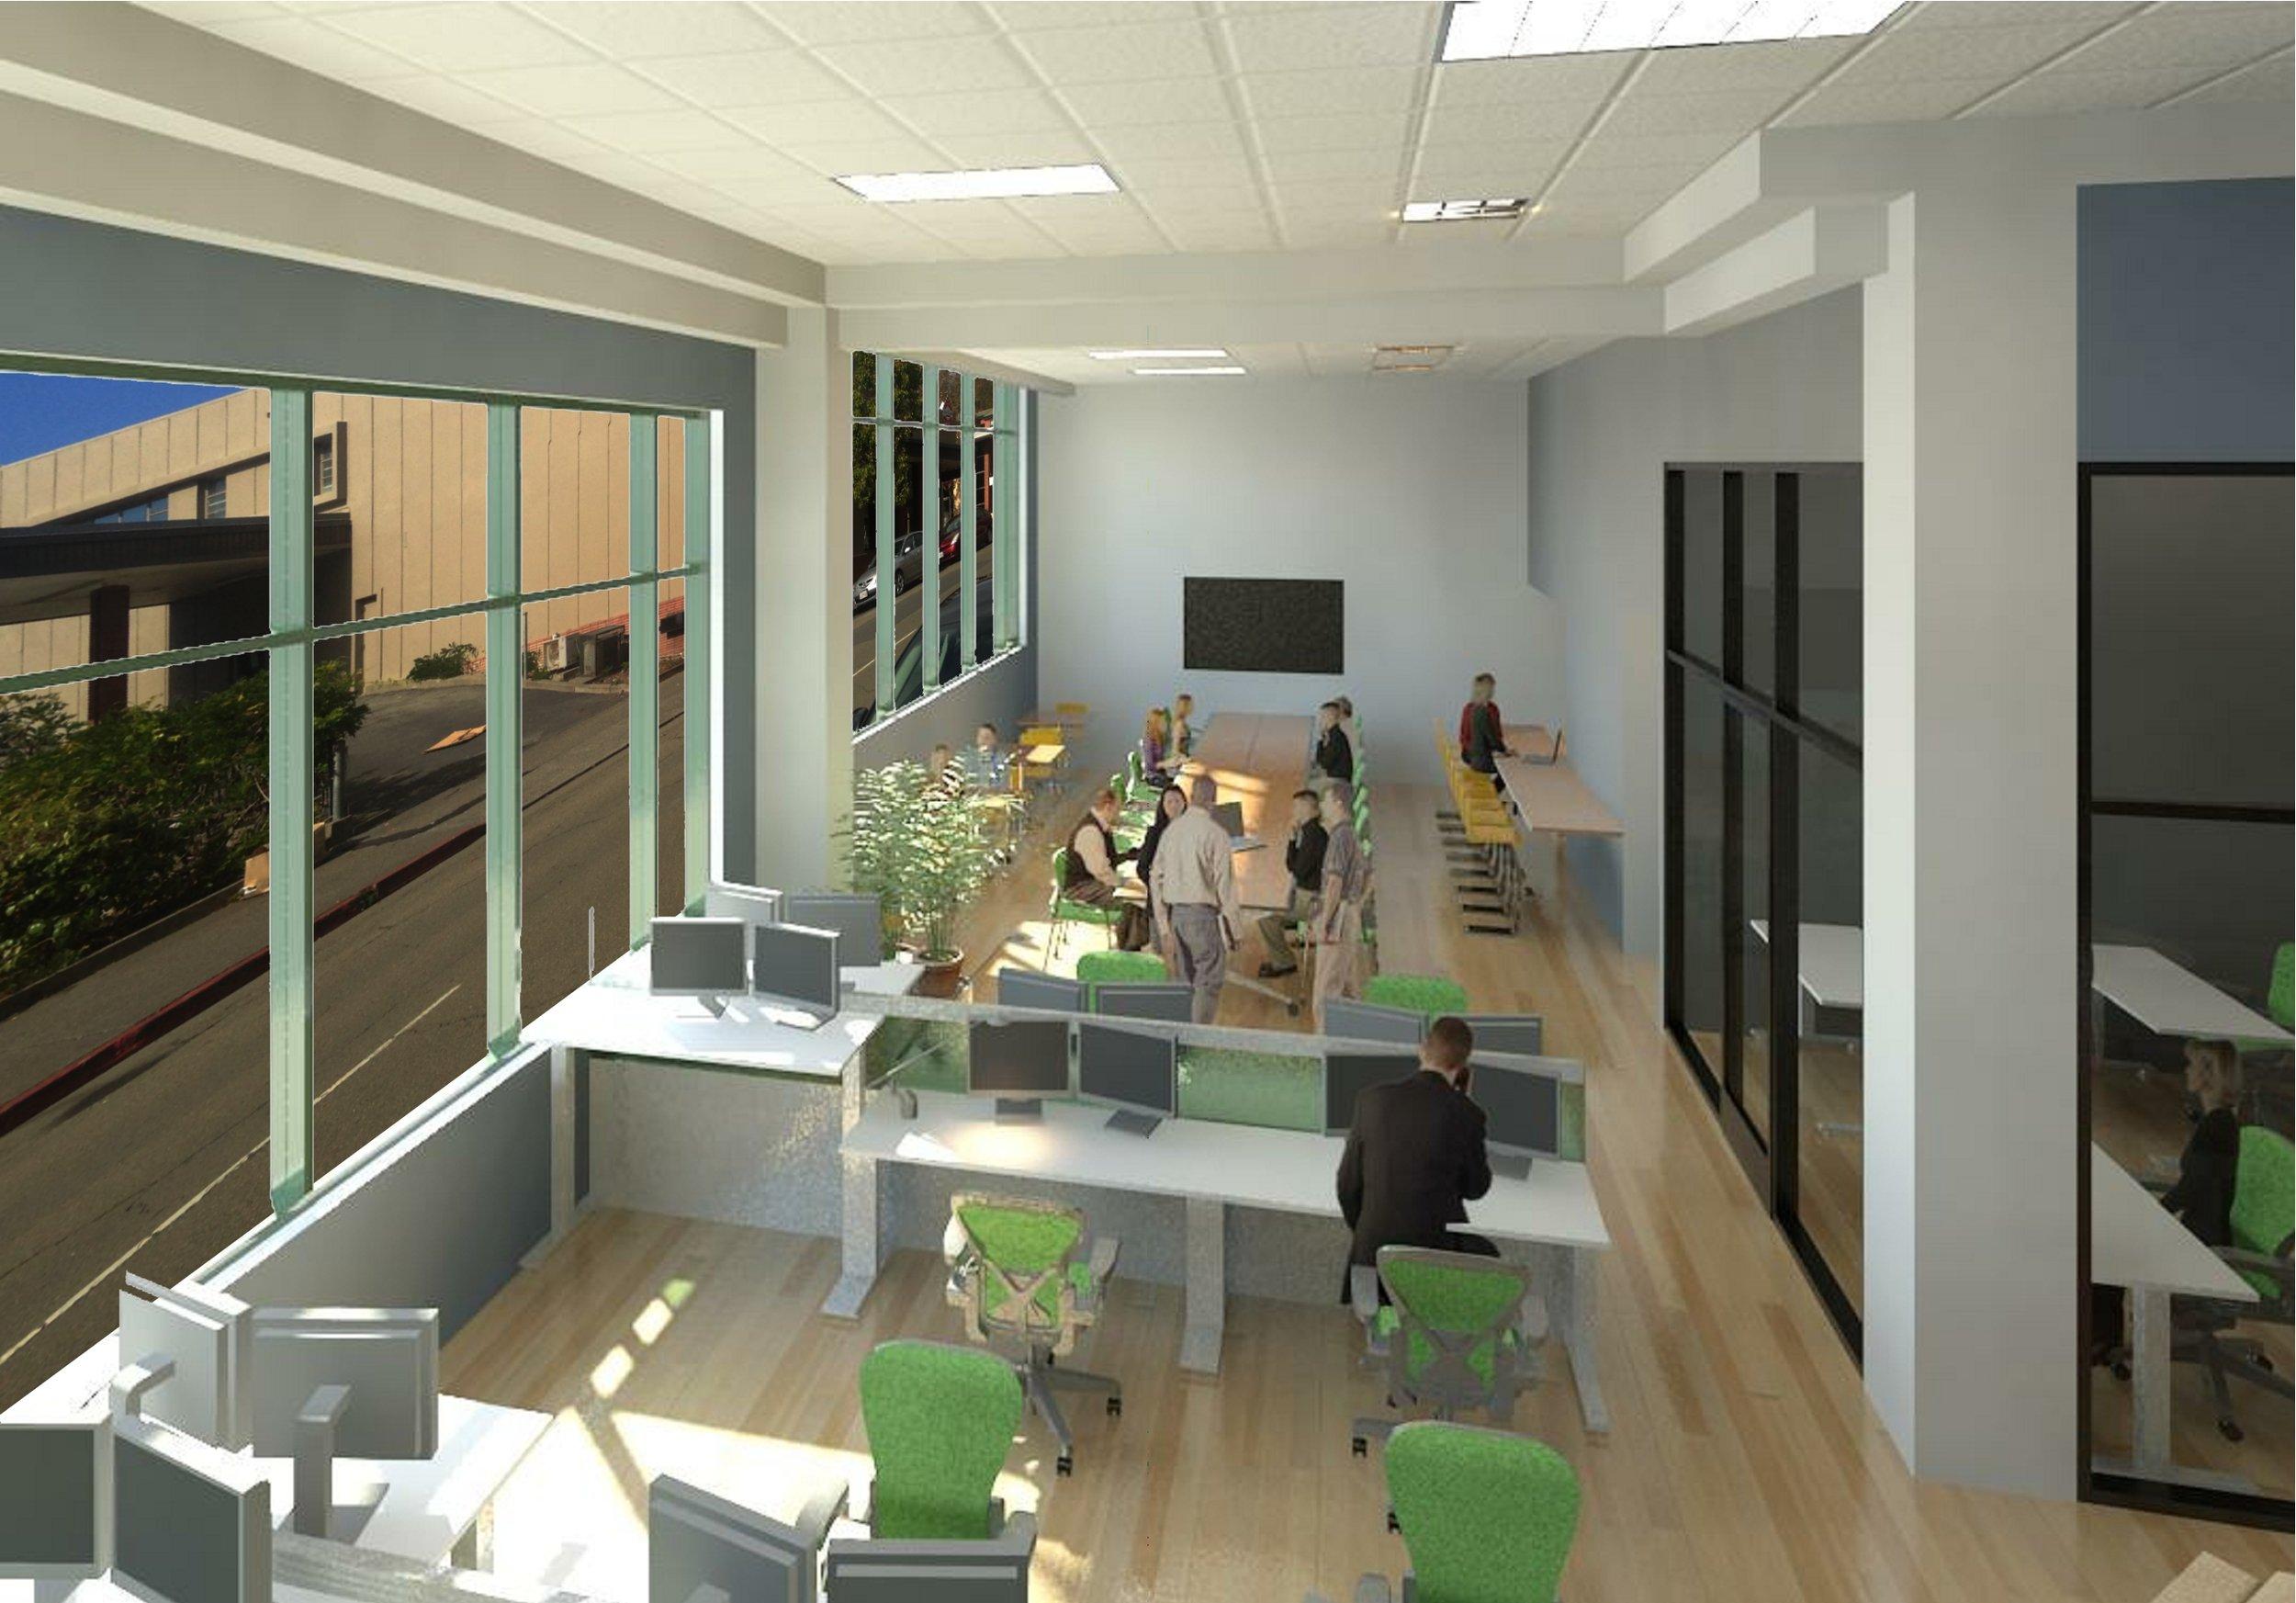 coworking space open desks rendering